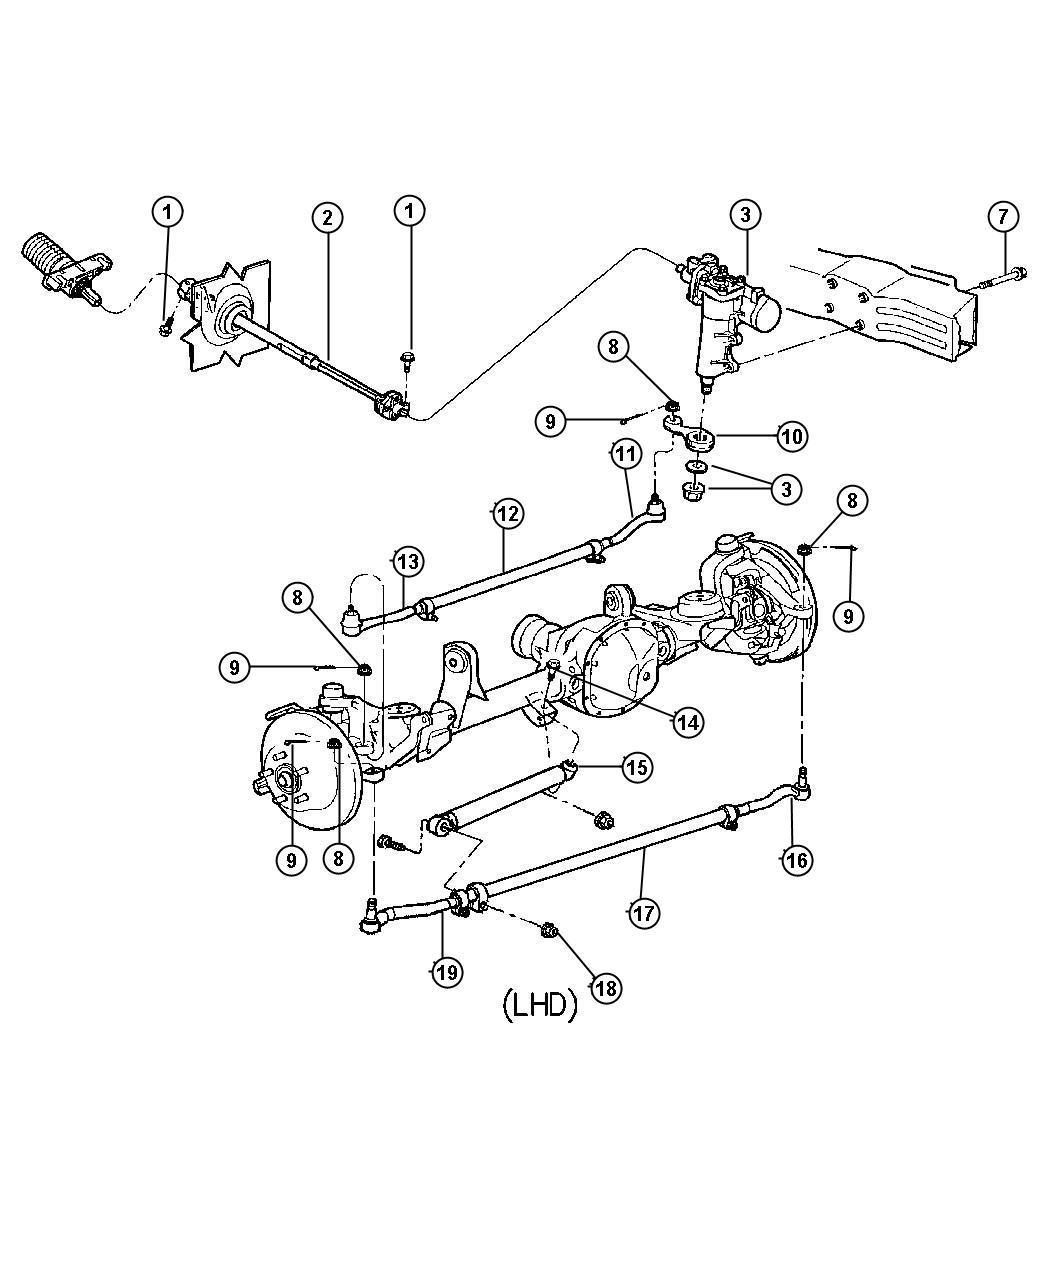 tags: #jeep cherokee steering column diagram#1995 jeep cherokee parts  diagram#jeep cherokee body parts diagram#1992 jeep cherokee steering parts